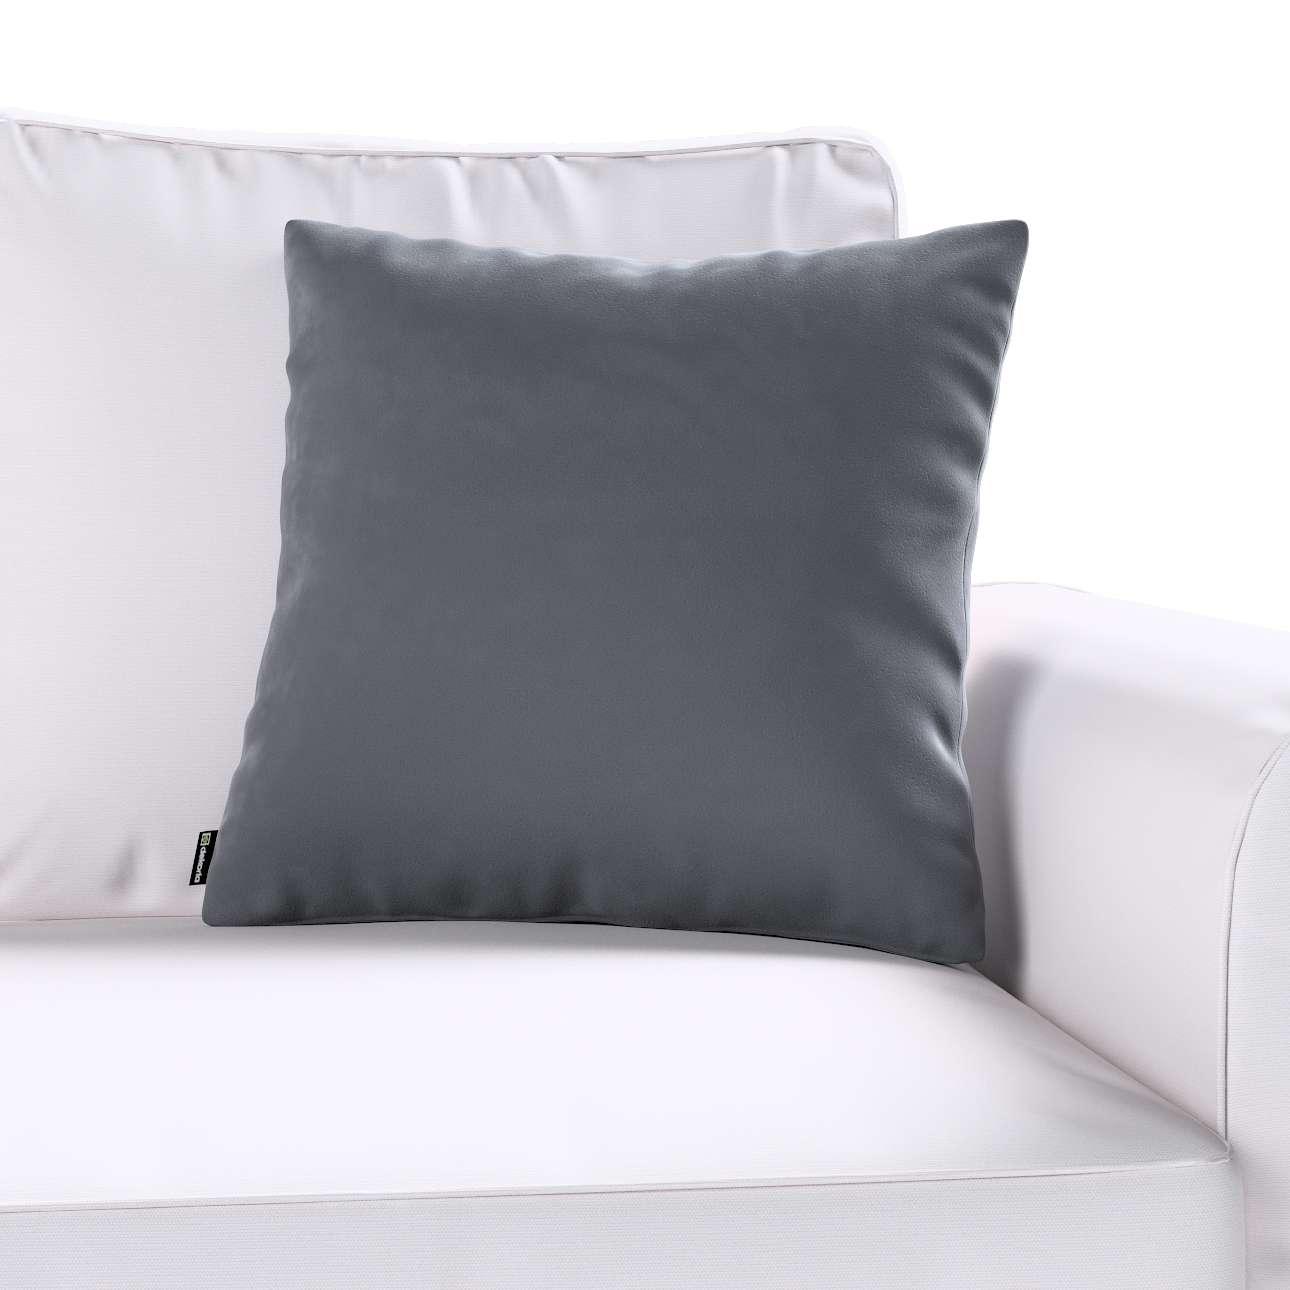 Kinga dekoratyvinės pagalvėlės užvalkalas 43 × 43 cm kolekcijoje Velvet, audinys: 704-12